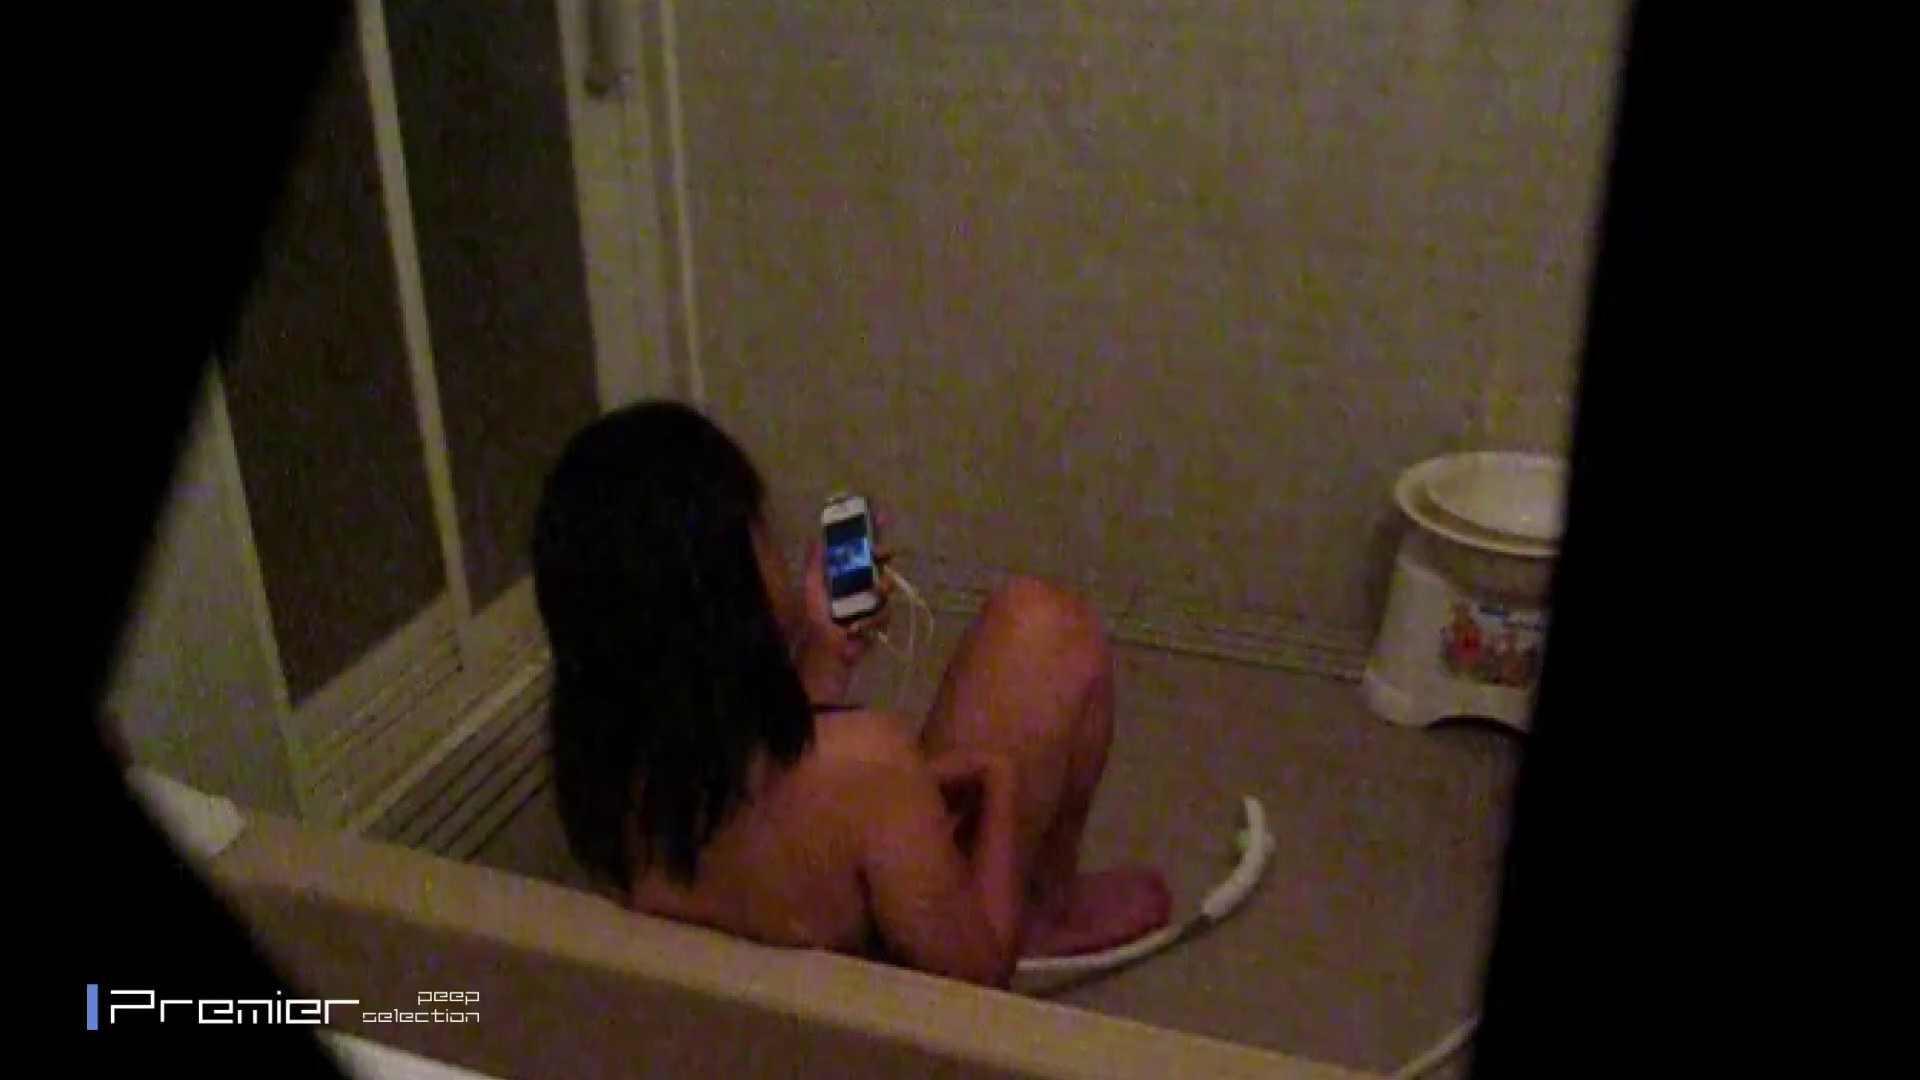 携帯触りなが満子をいじる 乙女の風呂場 Vol.19 OLの実態 | 盗撮  98pic 33